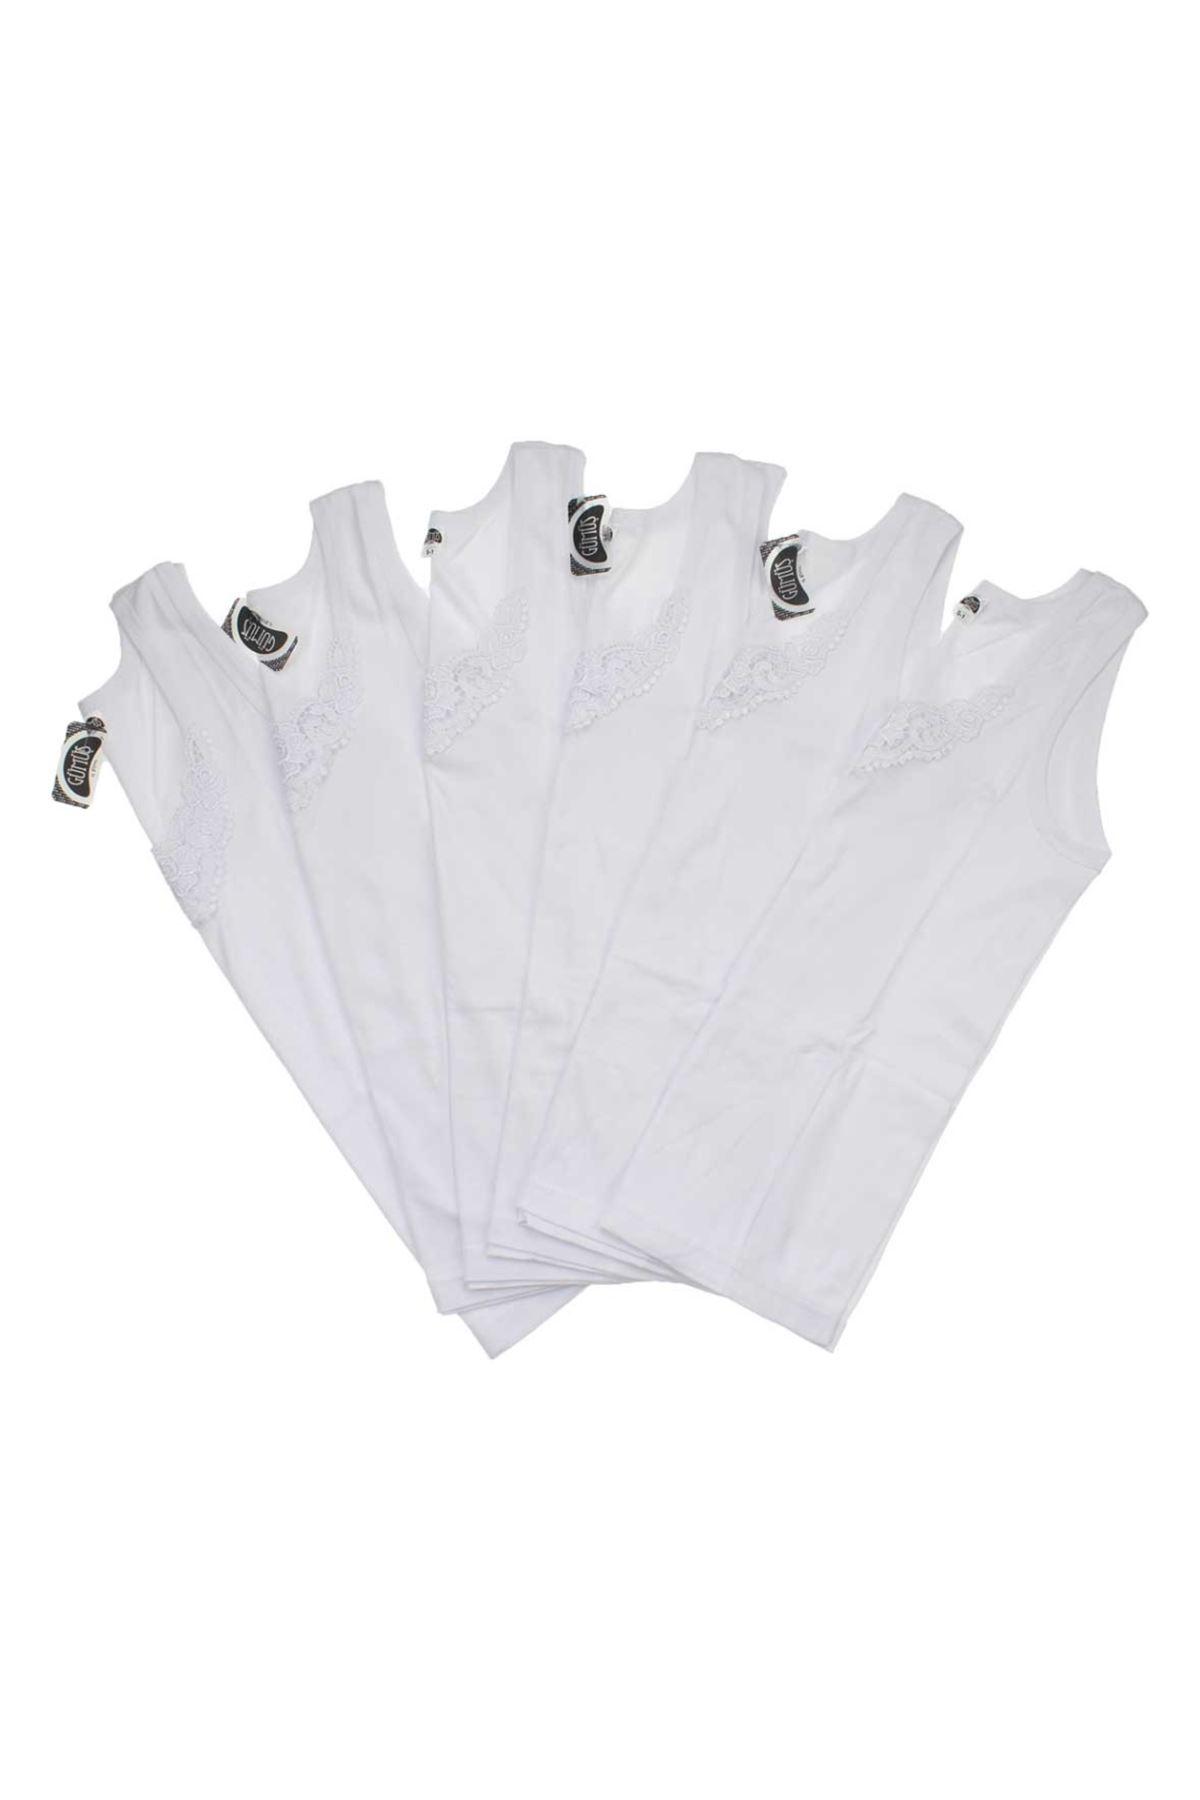 Gümüş İç Giyim Bayan Gübürlü 6 lı Beyaz Atlet